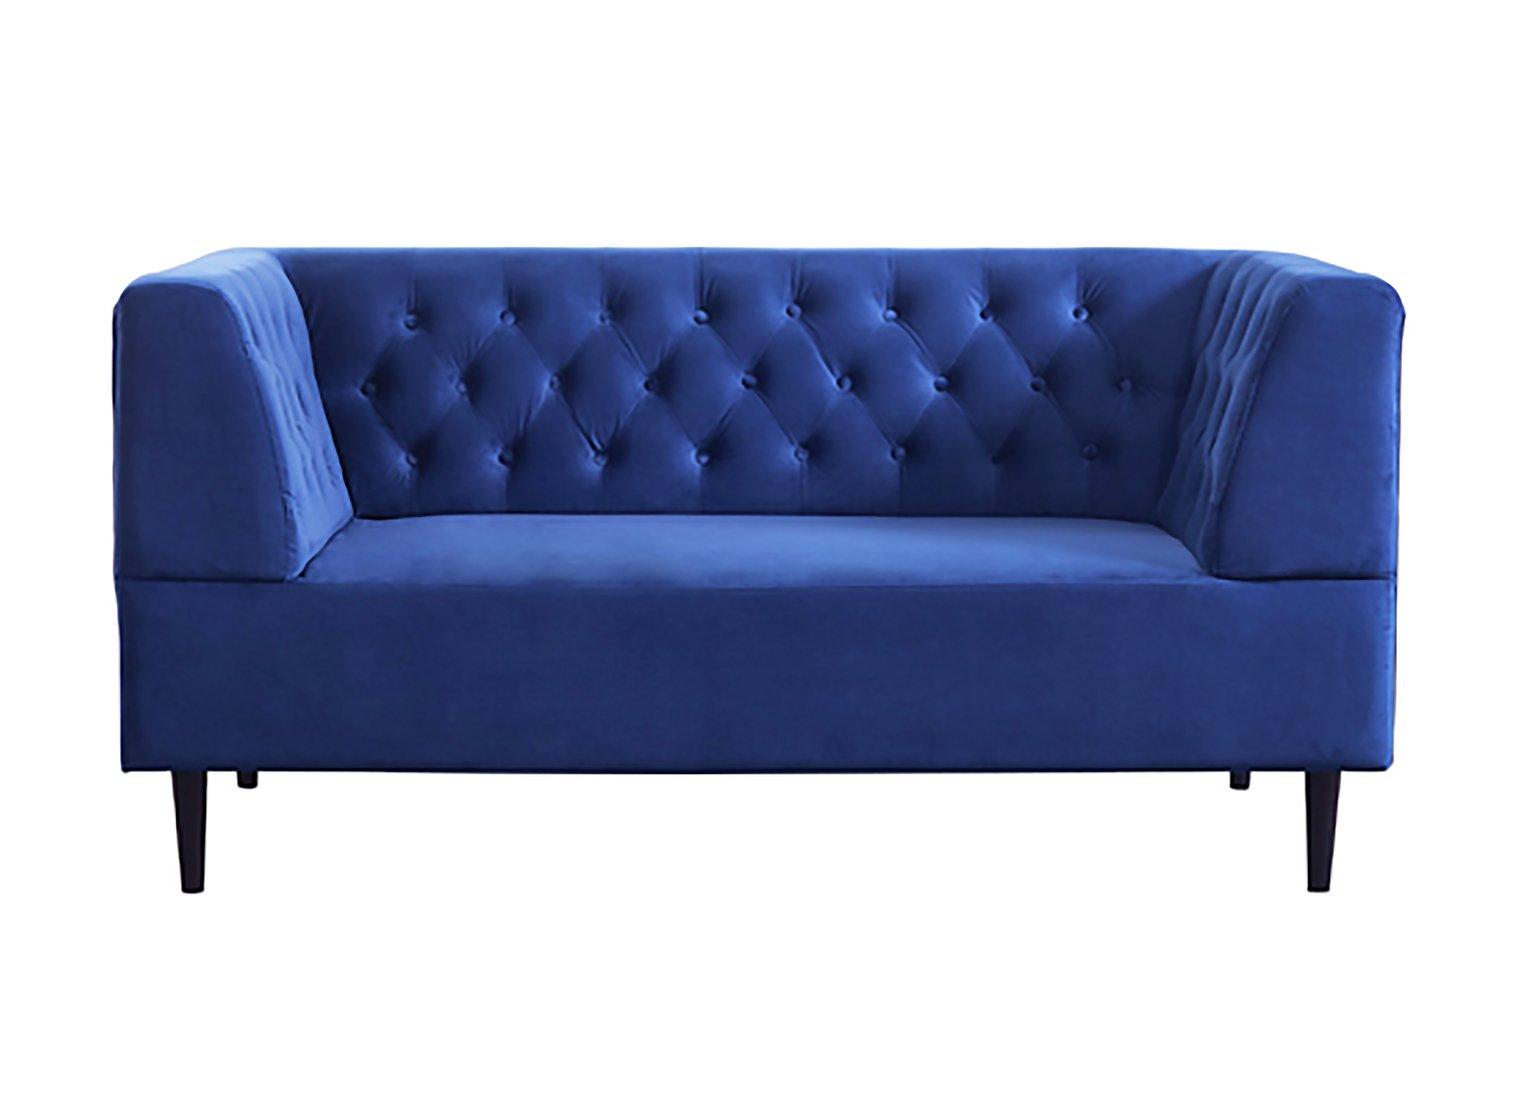 Habitat Blake 2 Seater Velvet Sofa - Navy